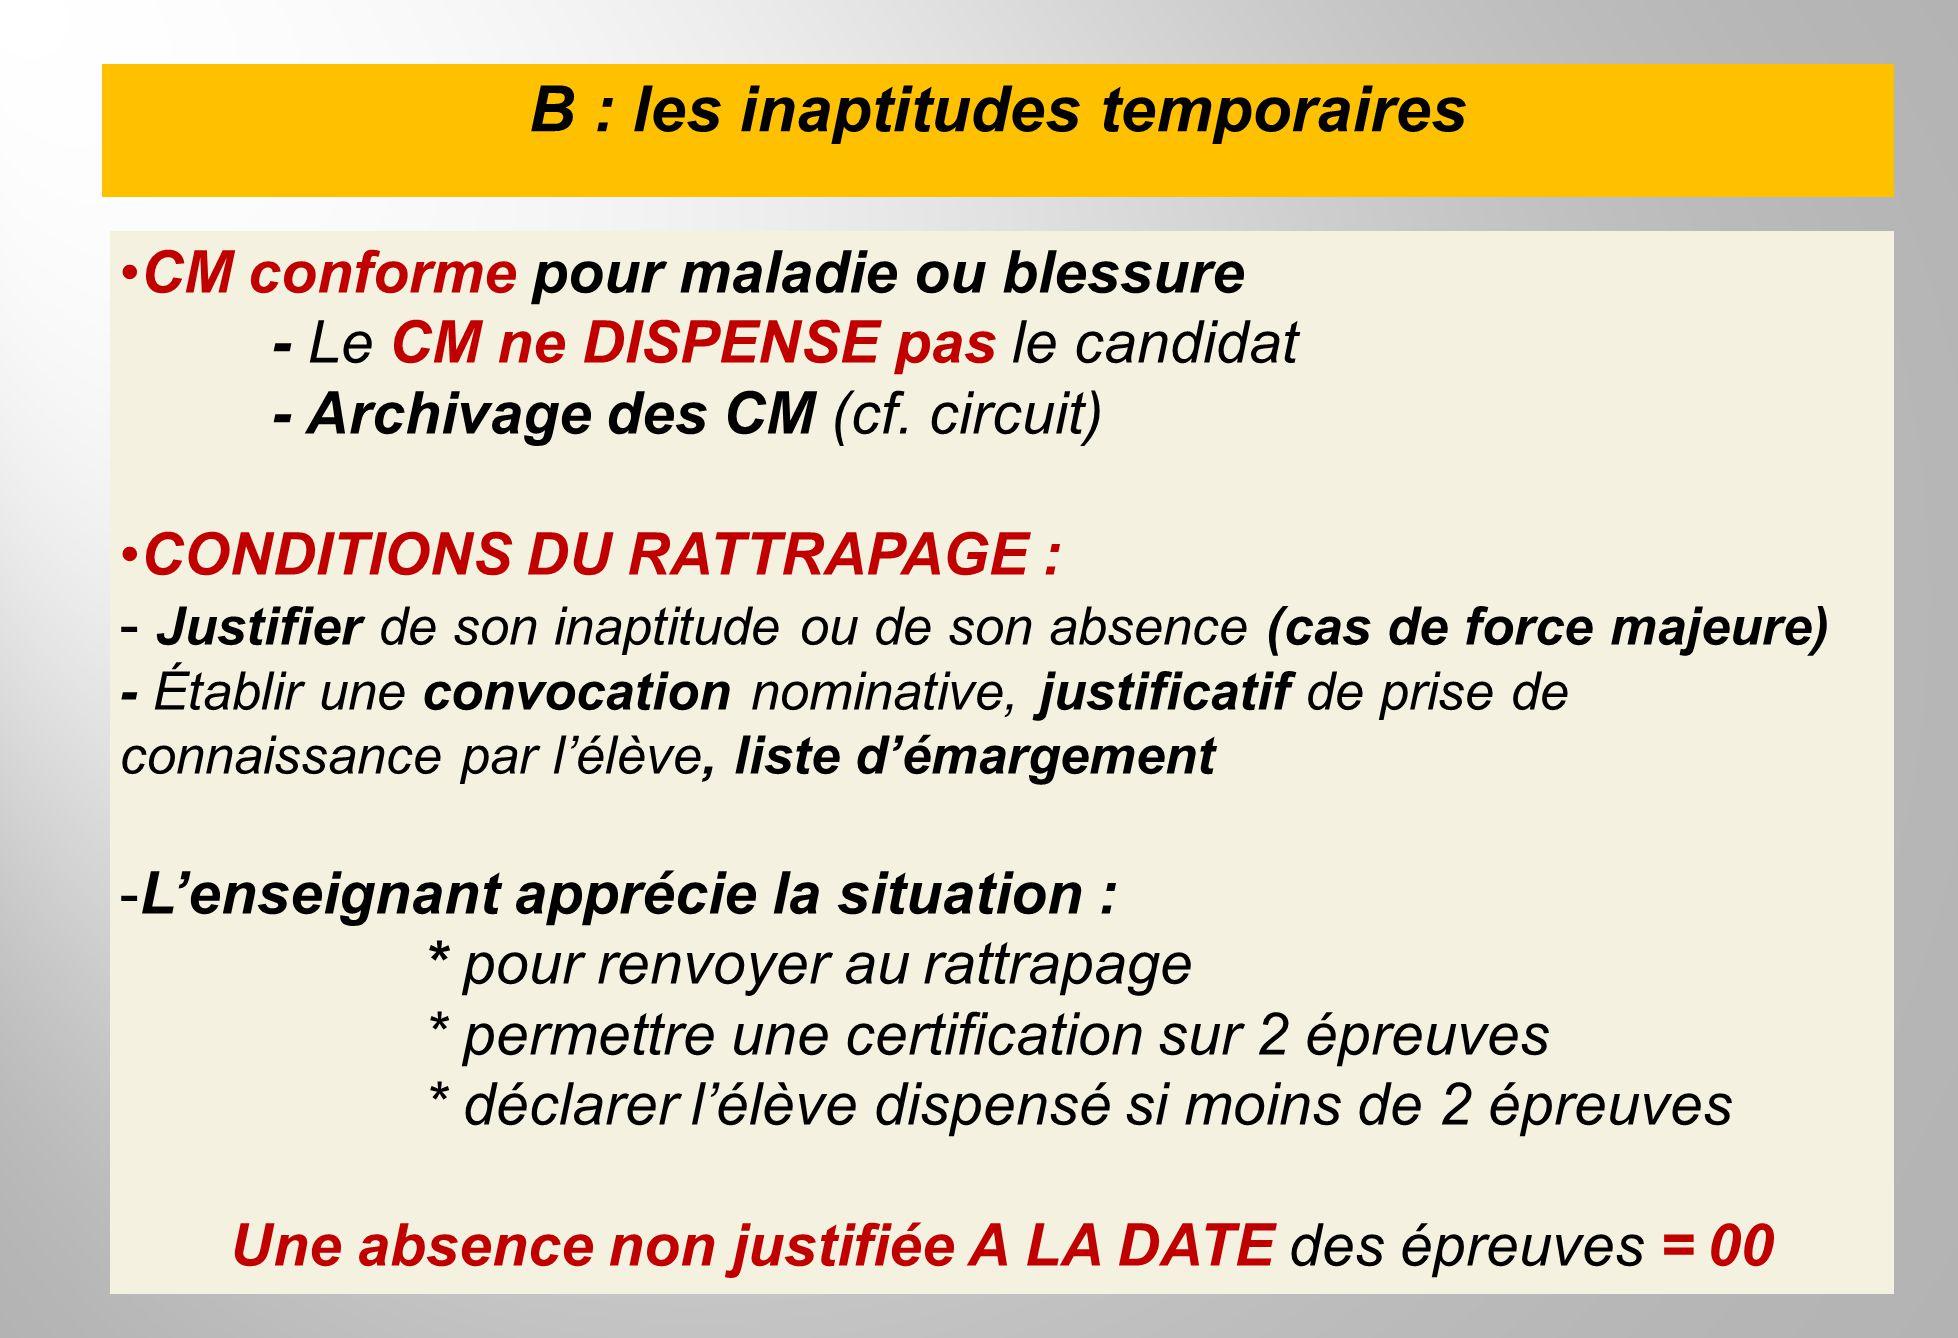 B : les inaptitudes temporaires CM conforme pour maladie ou blessure - Le CM ne DISPENSE pas le candidat - Archivage des CM (cf. circuit) CONDITIONS D